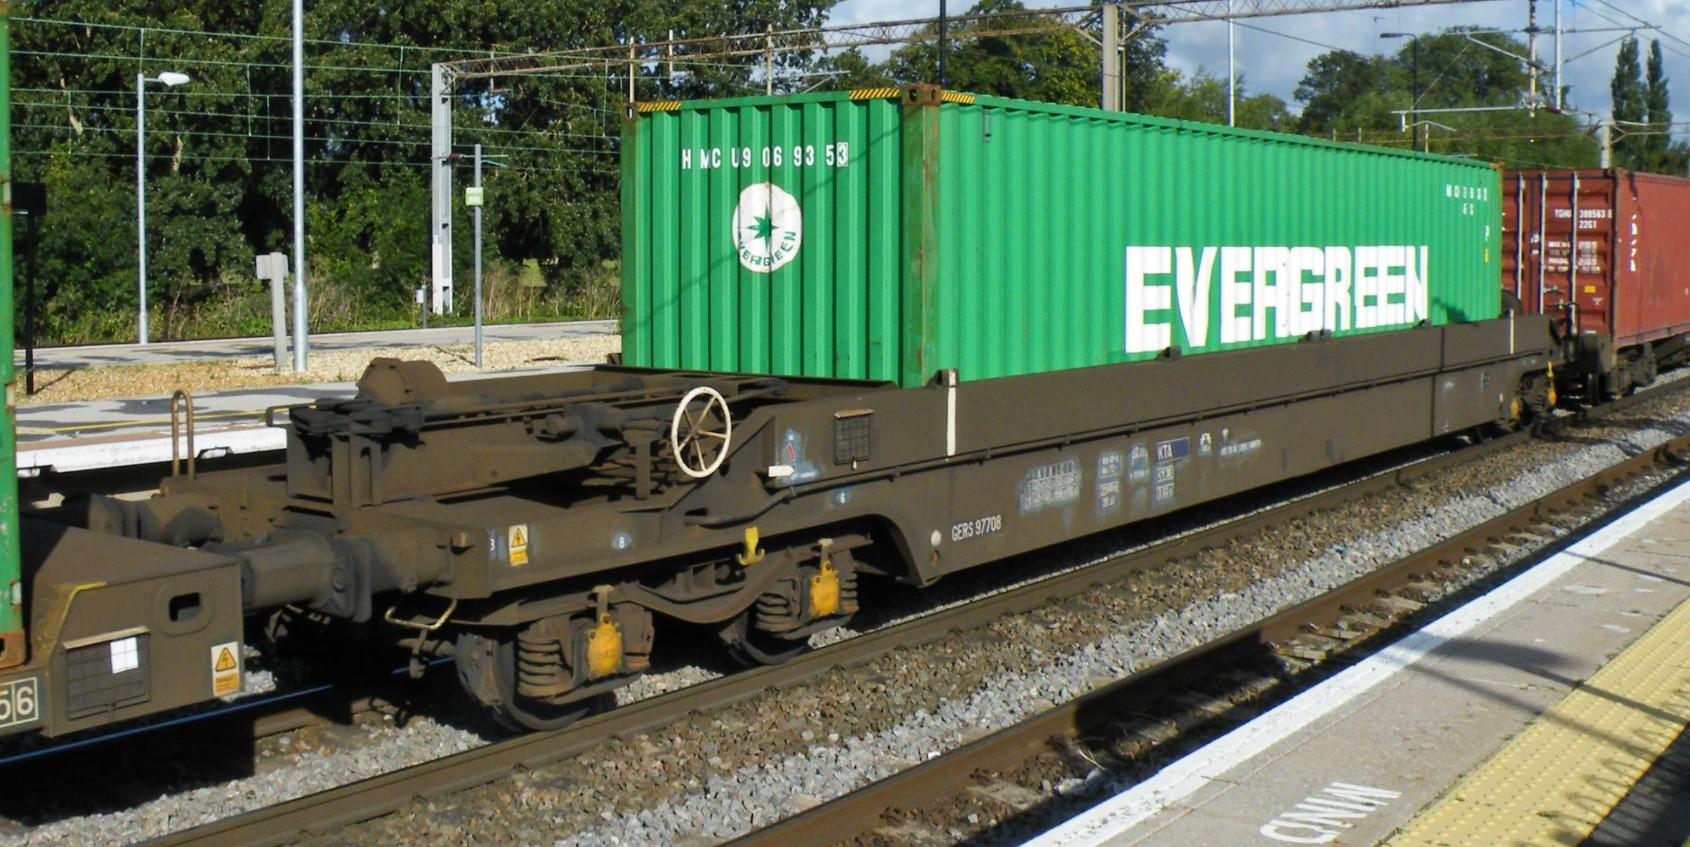 97708 at Northampton in September 2012. ©Dan Adkins